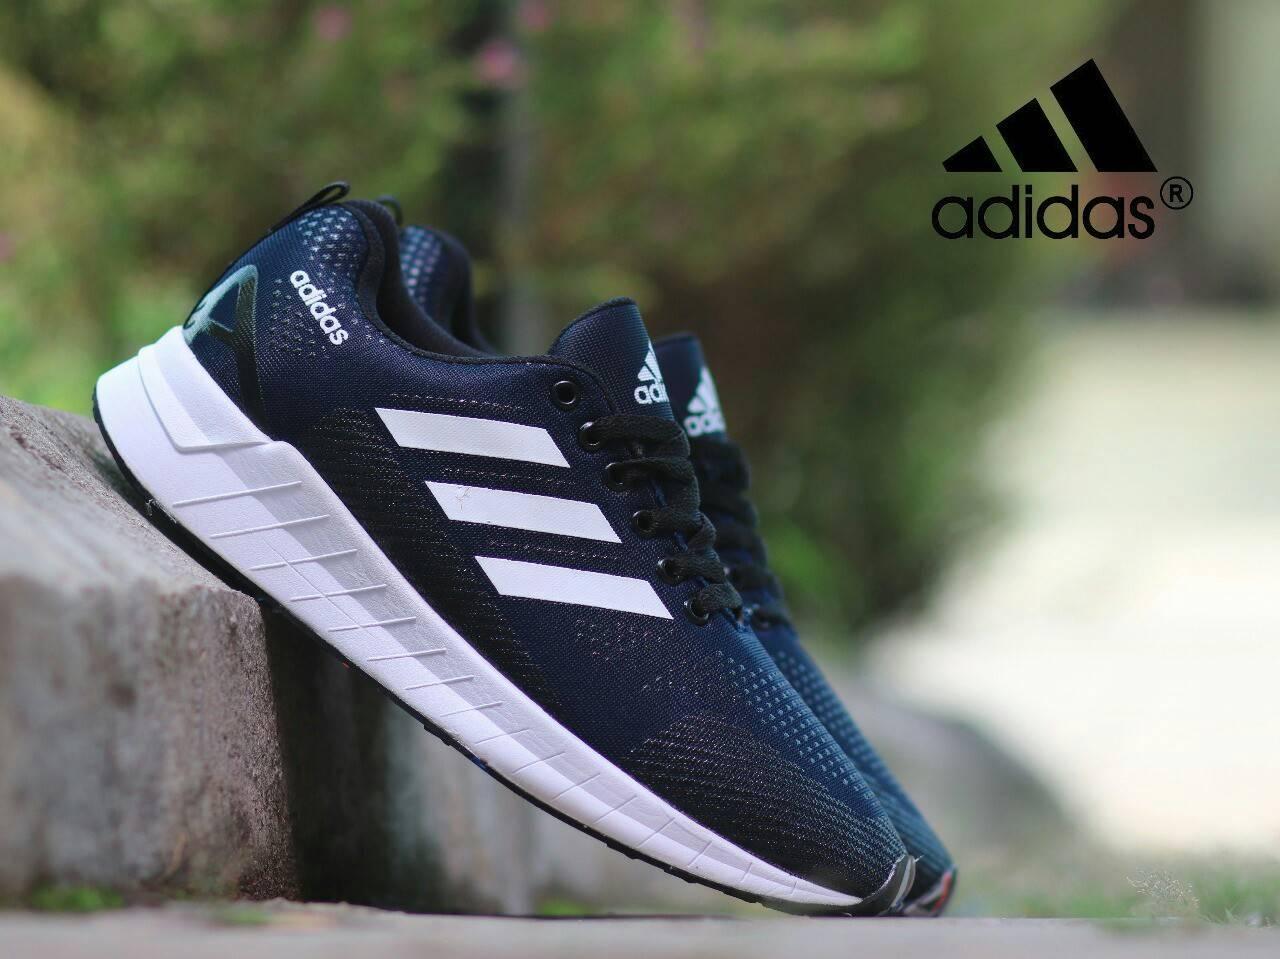 92+ Aneka Contoh Model Sepatu Adidas Pria Paling Bagus